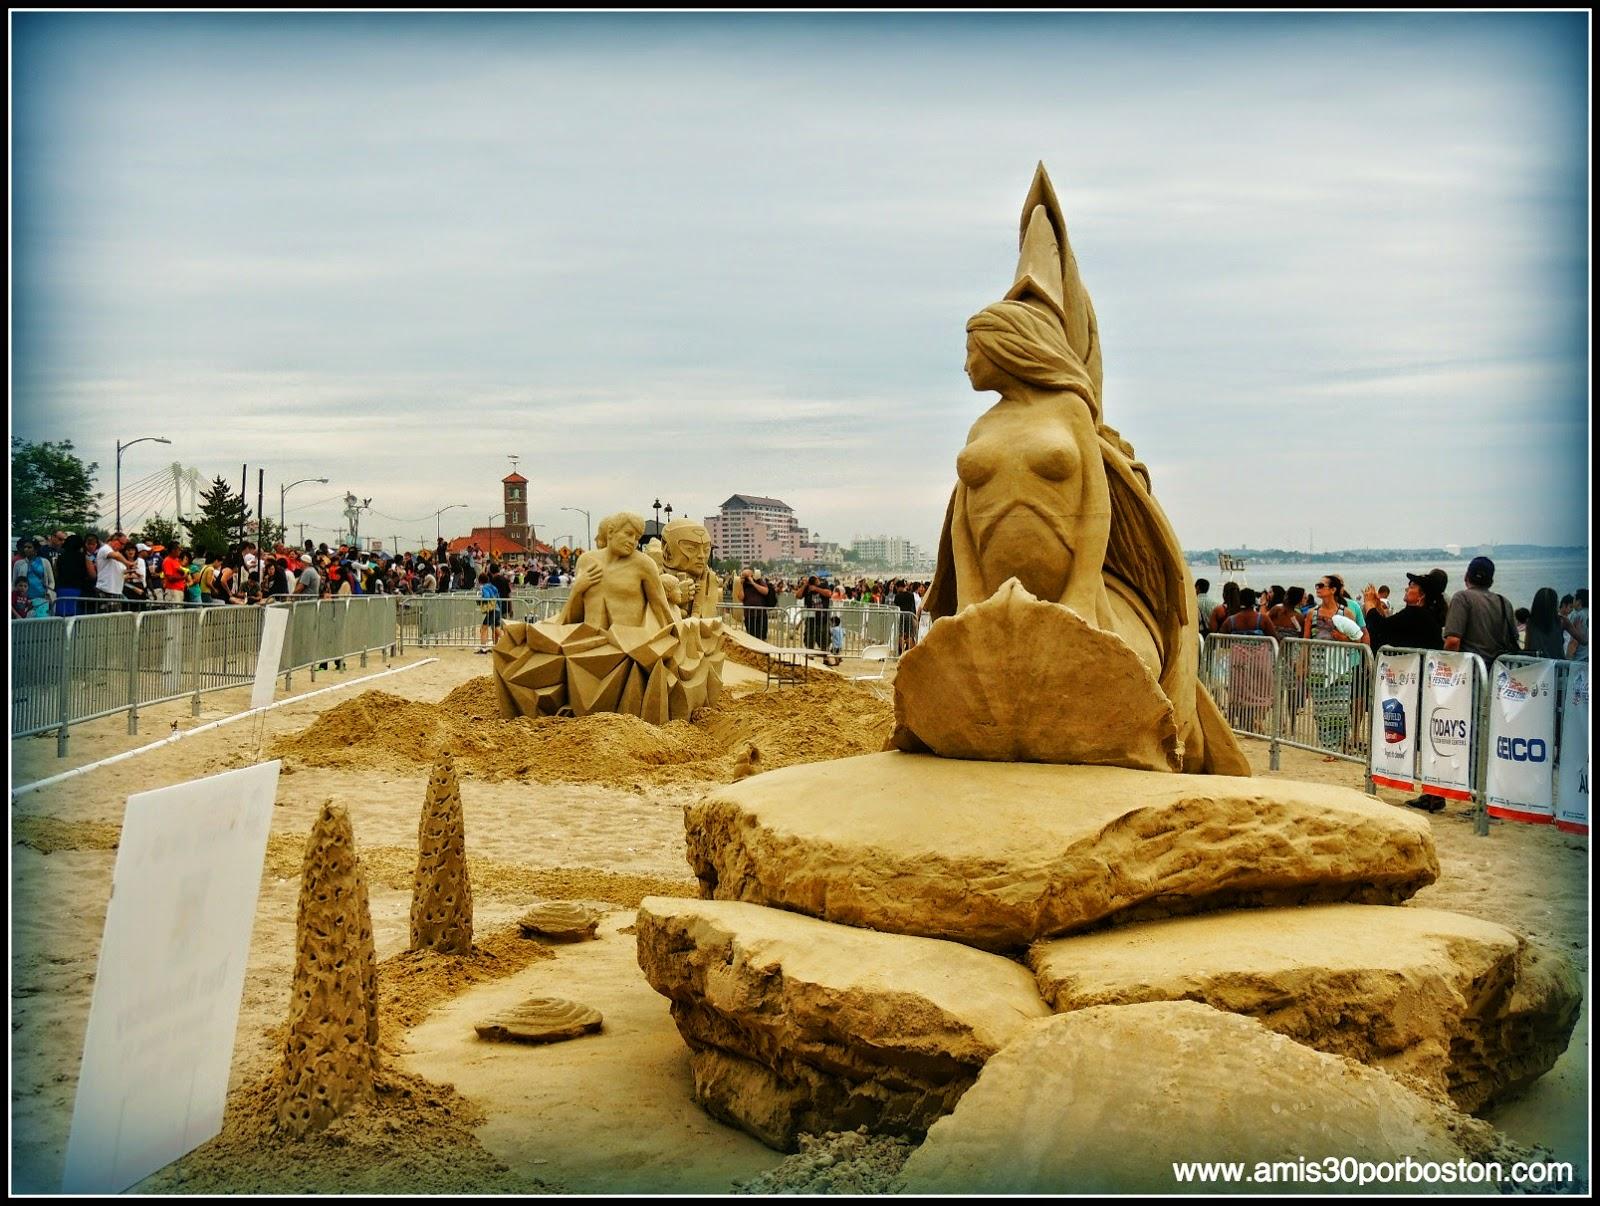 Revere Beach 2014 National Sand Sculpting Festival: Esculturas de Arena